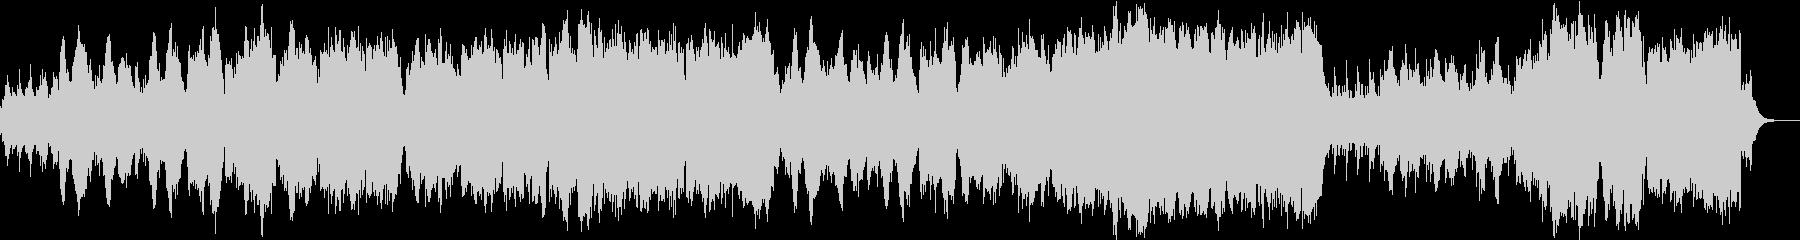 KAWAII GEISHAの未再生の波形